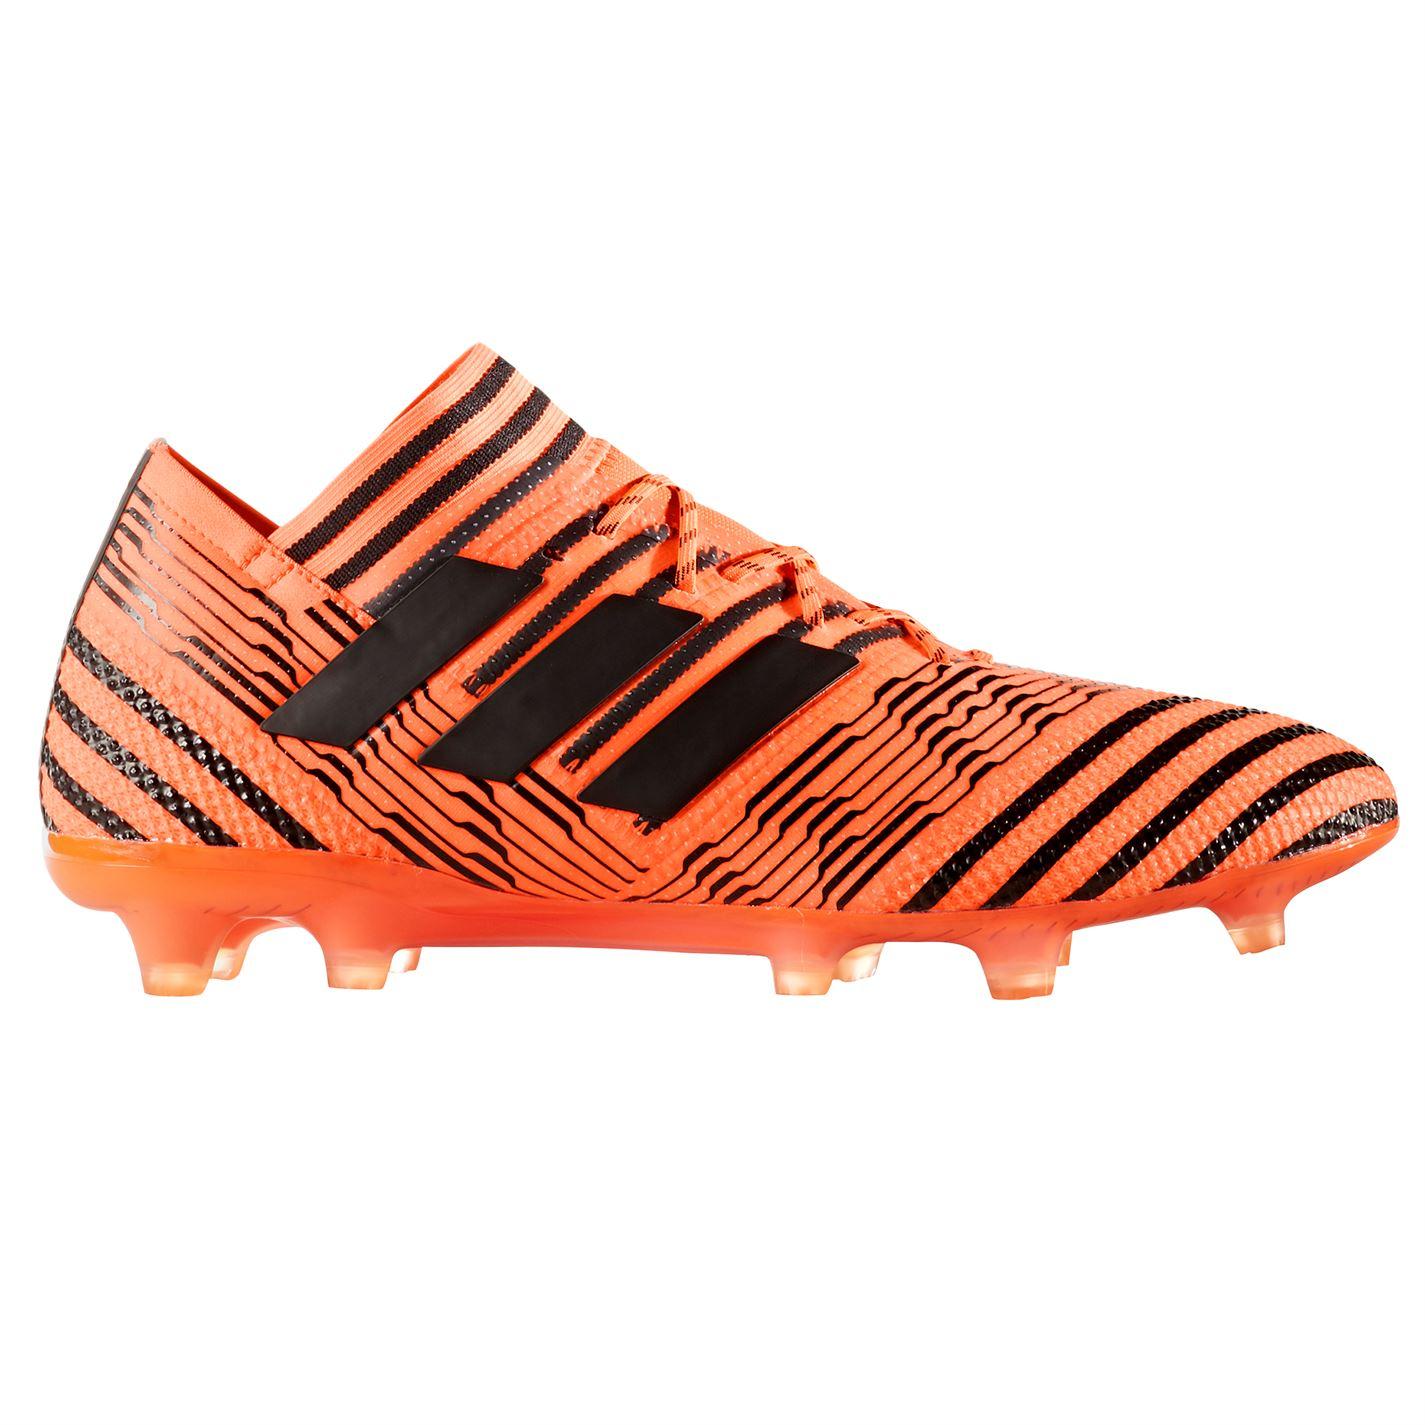 Adidas Nemeziz 17.1 FG Mens Football Boots